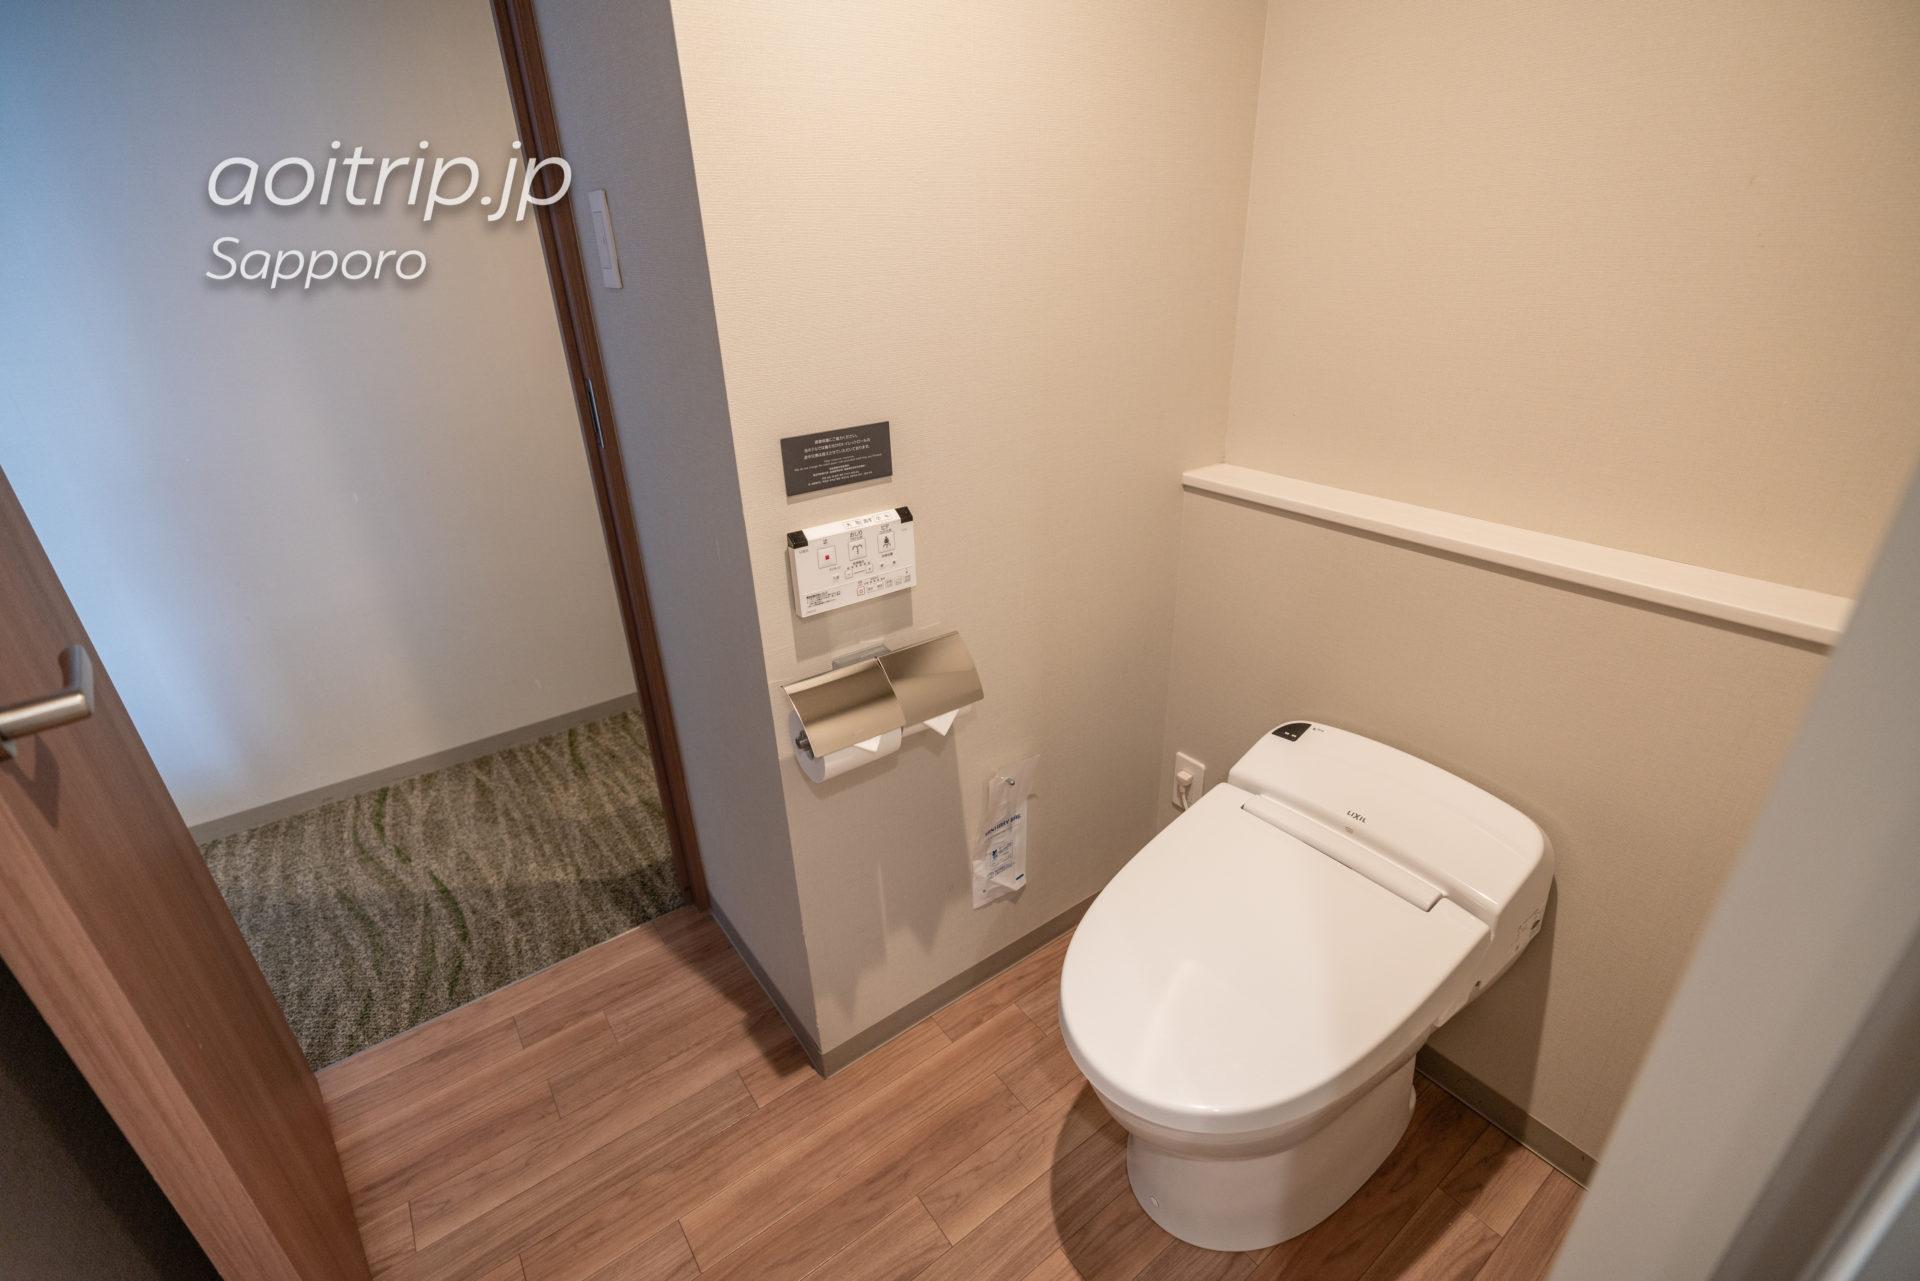 JRイン札幌南口プレミアツインのトイレ